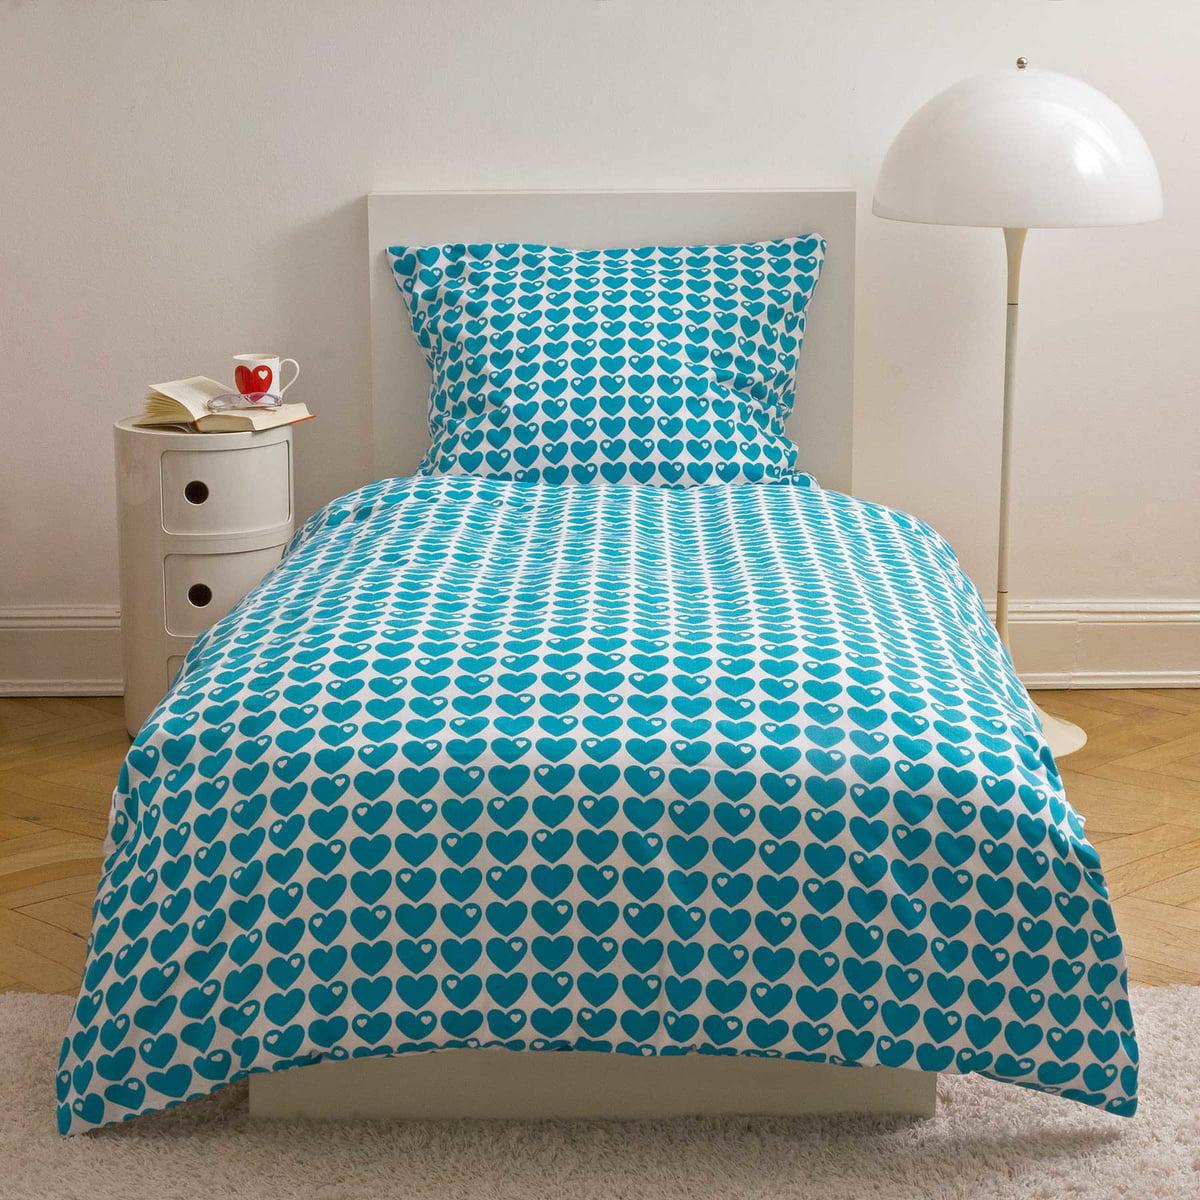 parure de lit r versible c urs par bygraziela. Black Bedroom Furniture Sets. Home Design Ideas